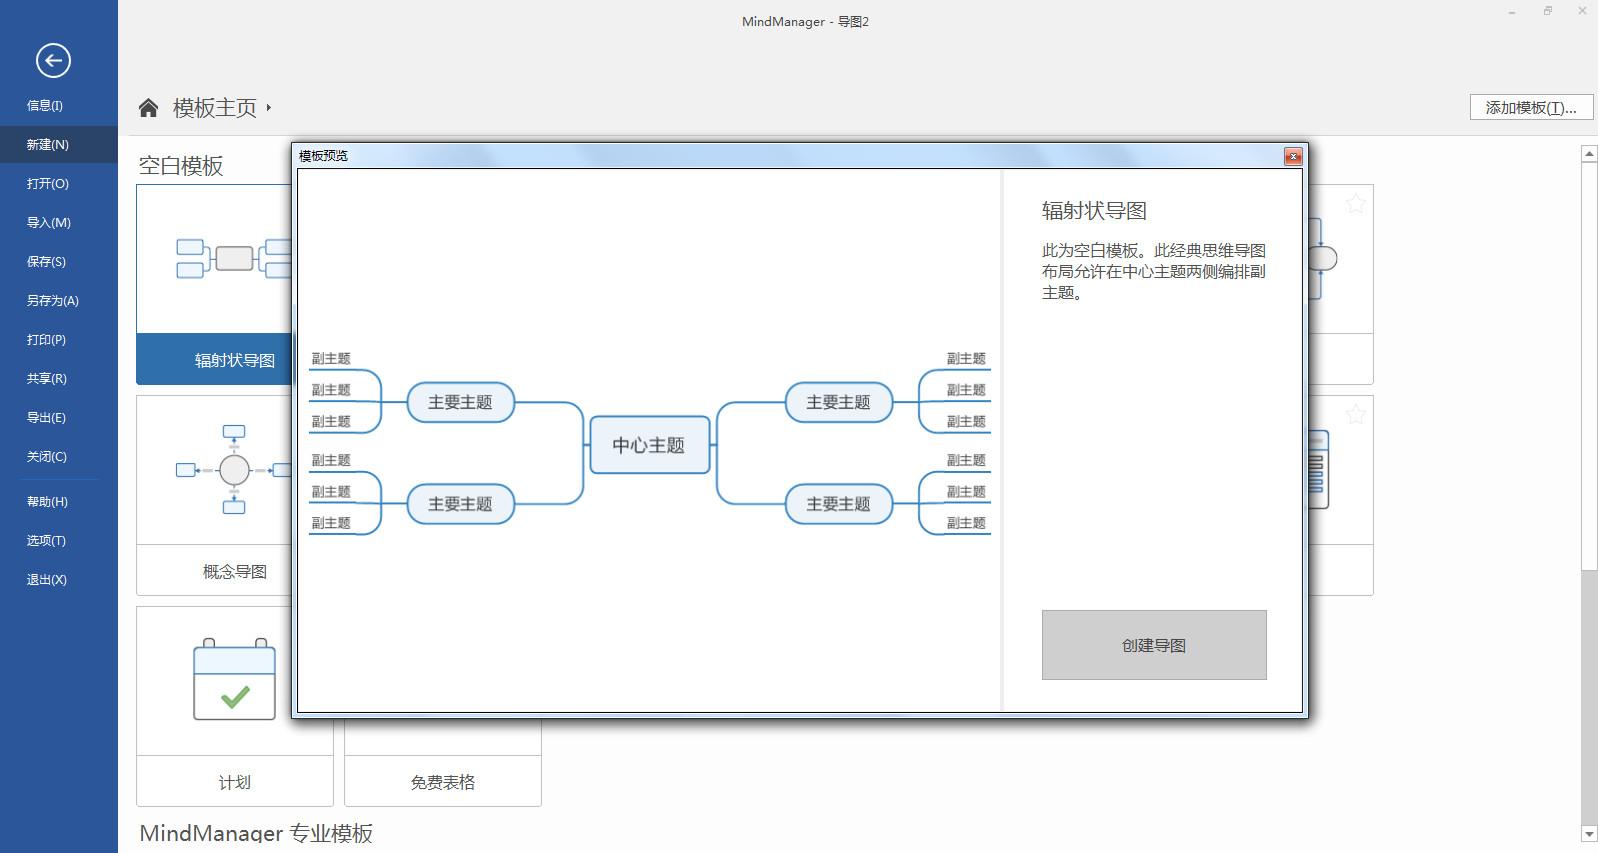 MindManager 2020V20.0.334 中文版